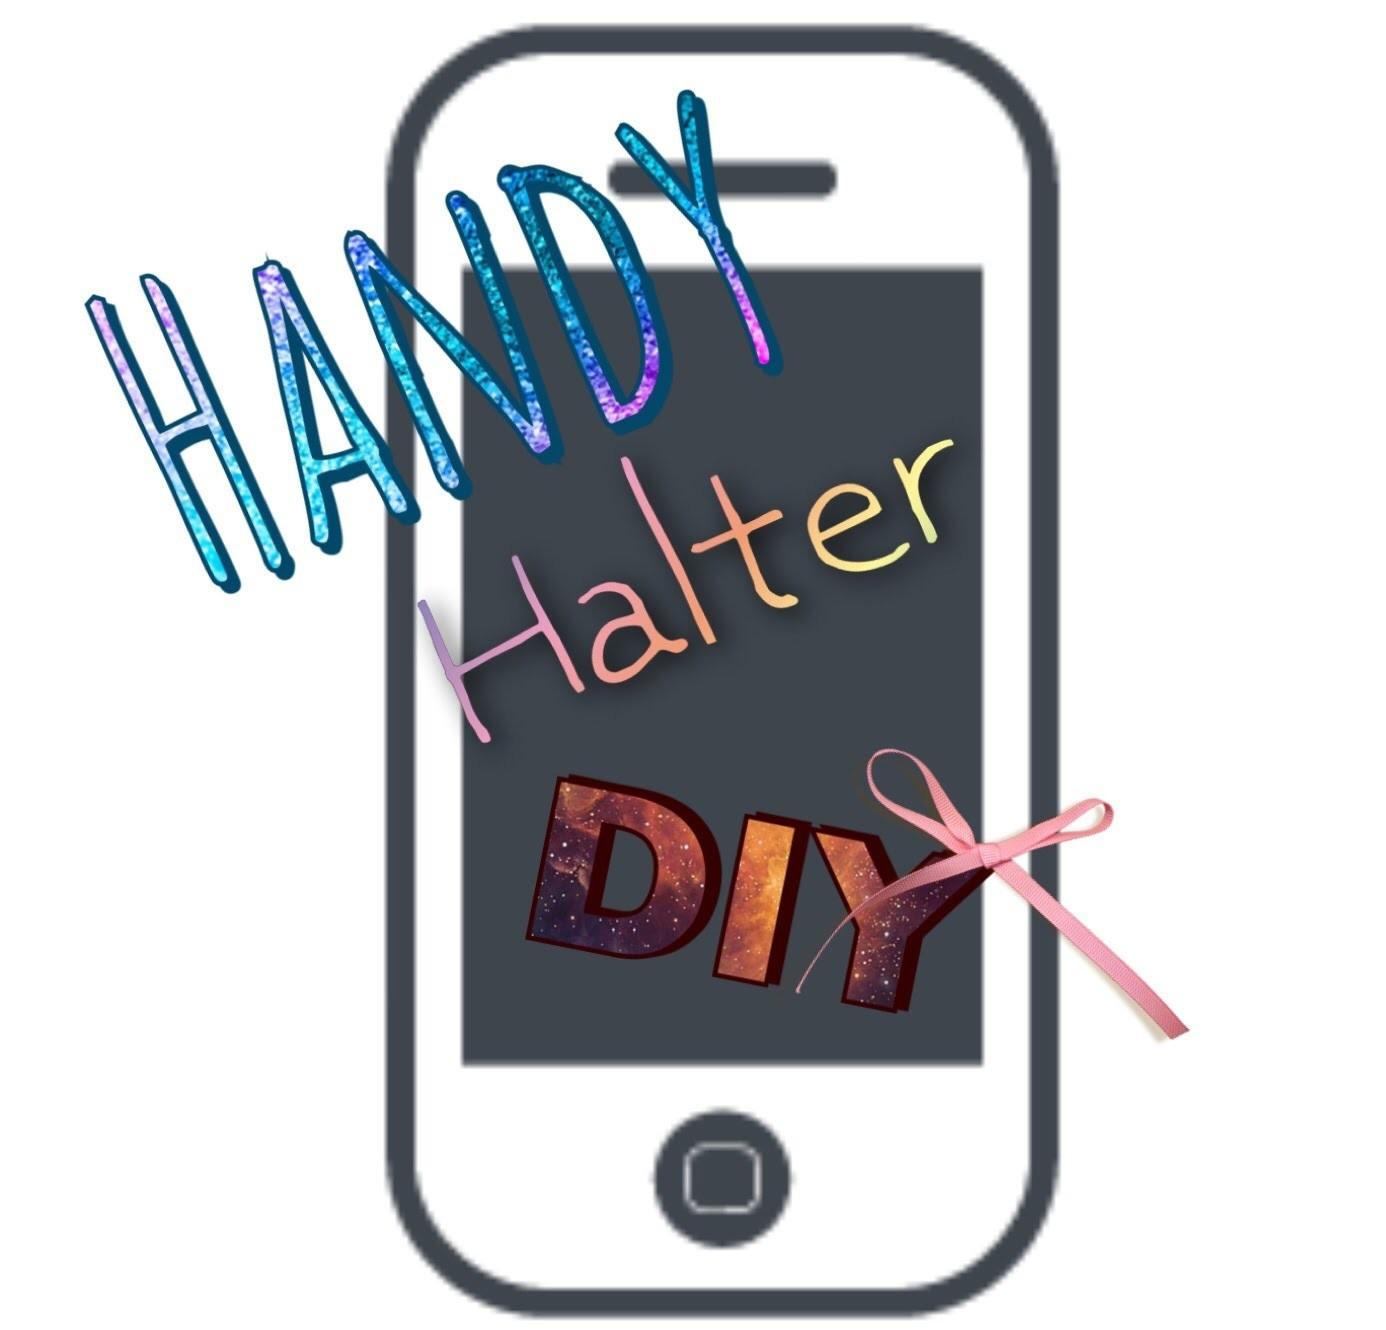 Handy. Tablet Halter basteln Tutorial Deutsch | louli Boehm